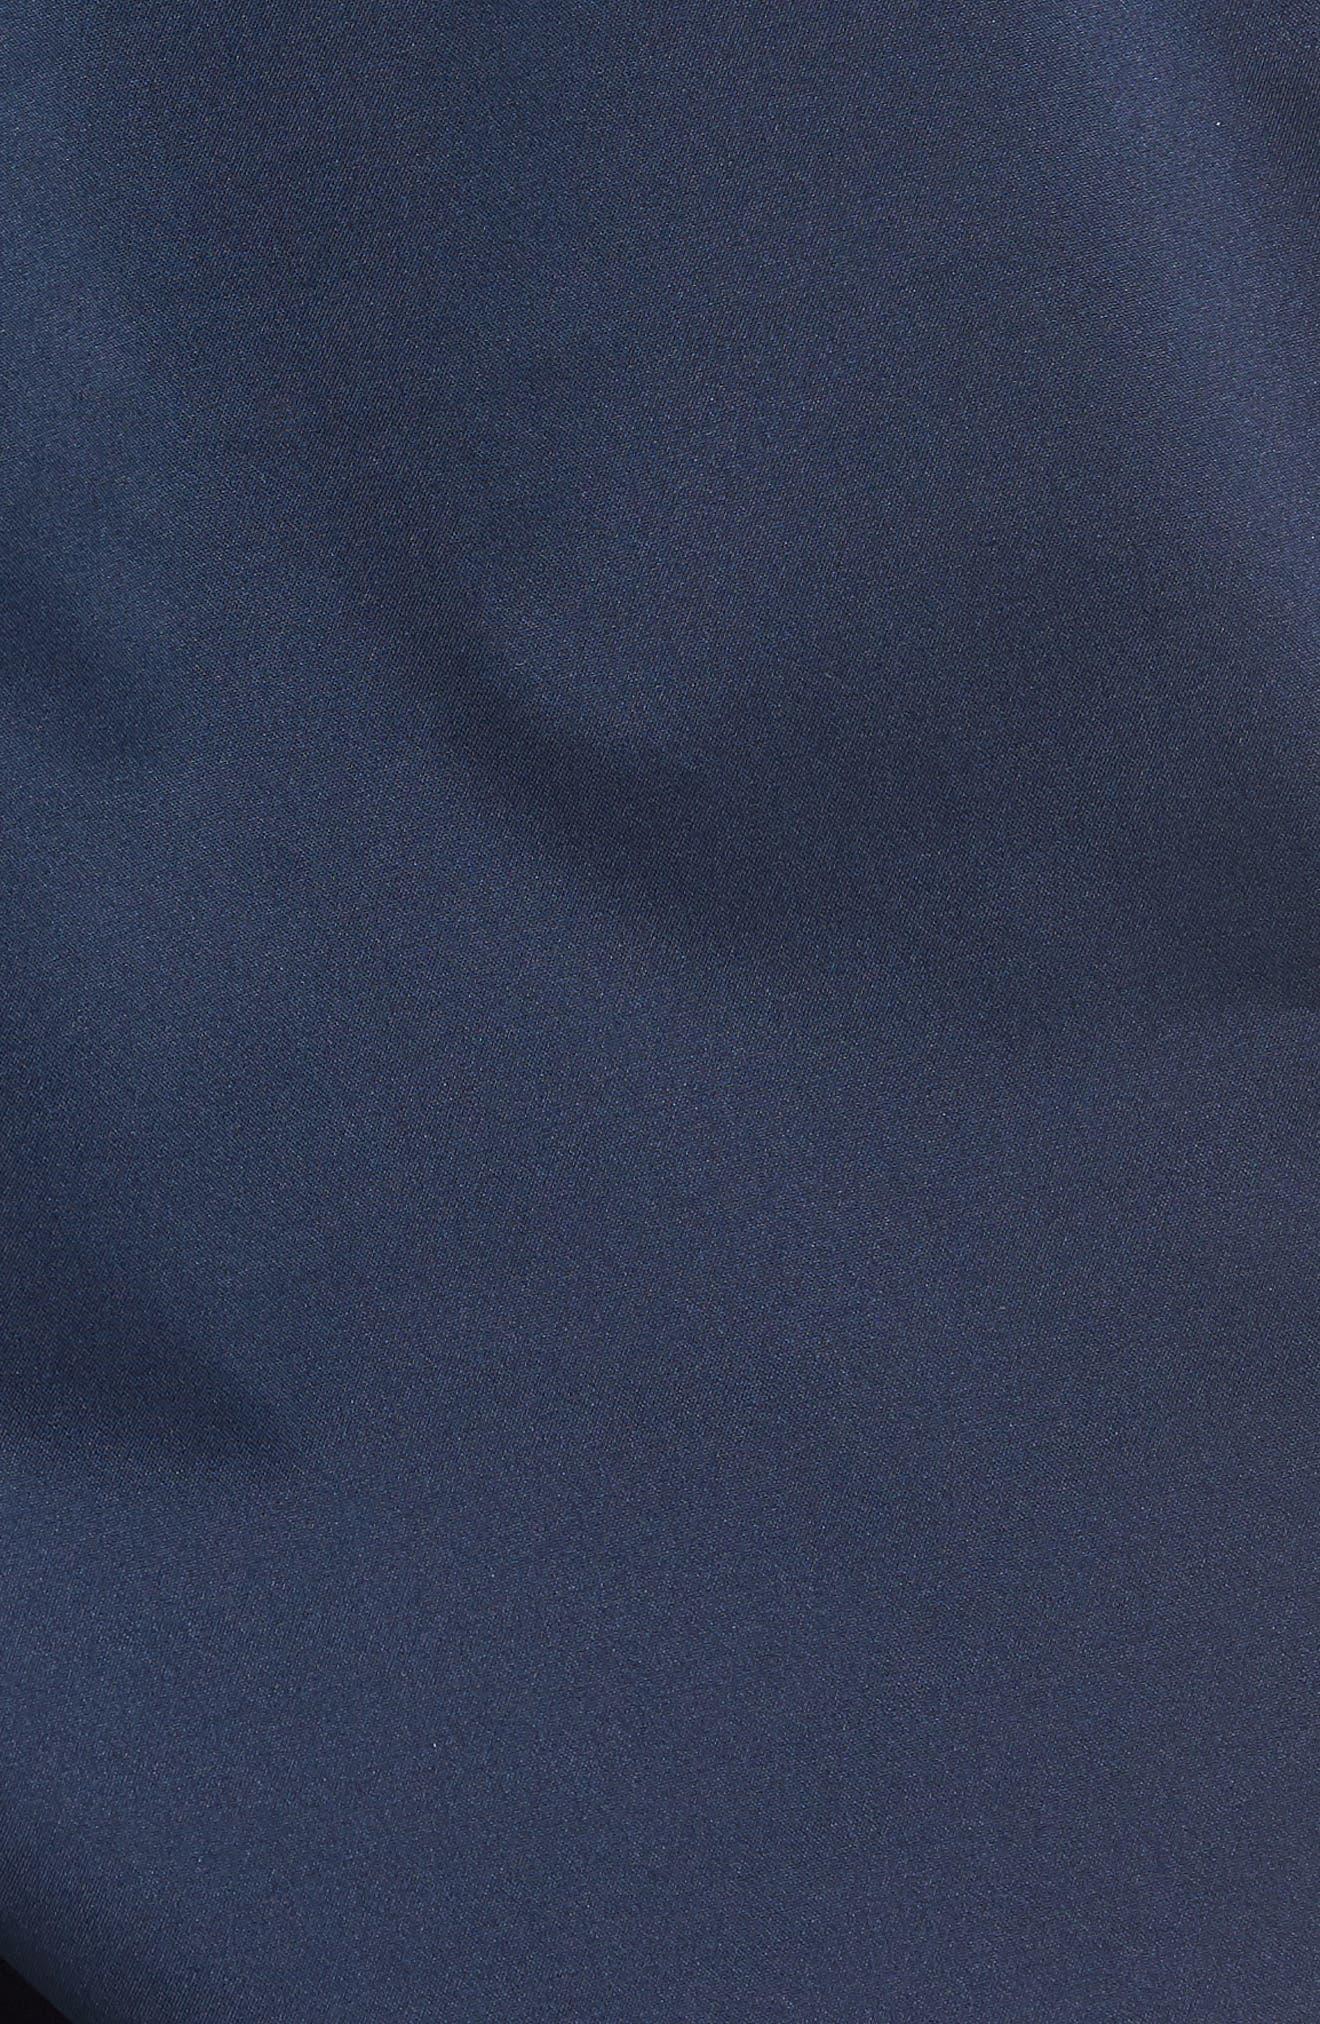 E-Waist 9-Inch Swim Trunks,                             Alternate thumbnail 5, color,